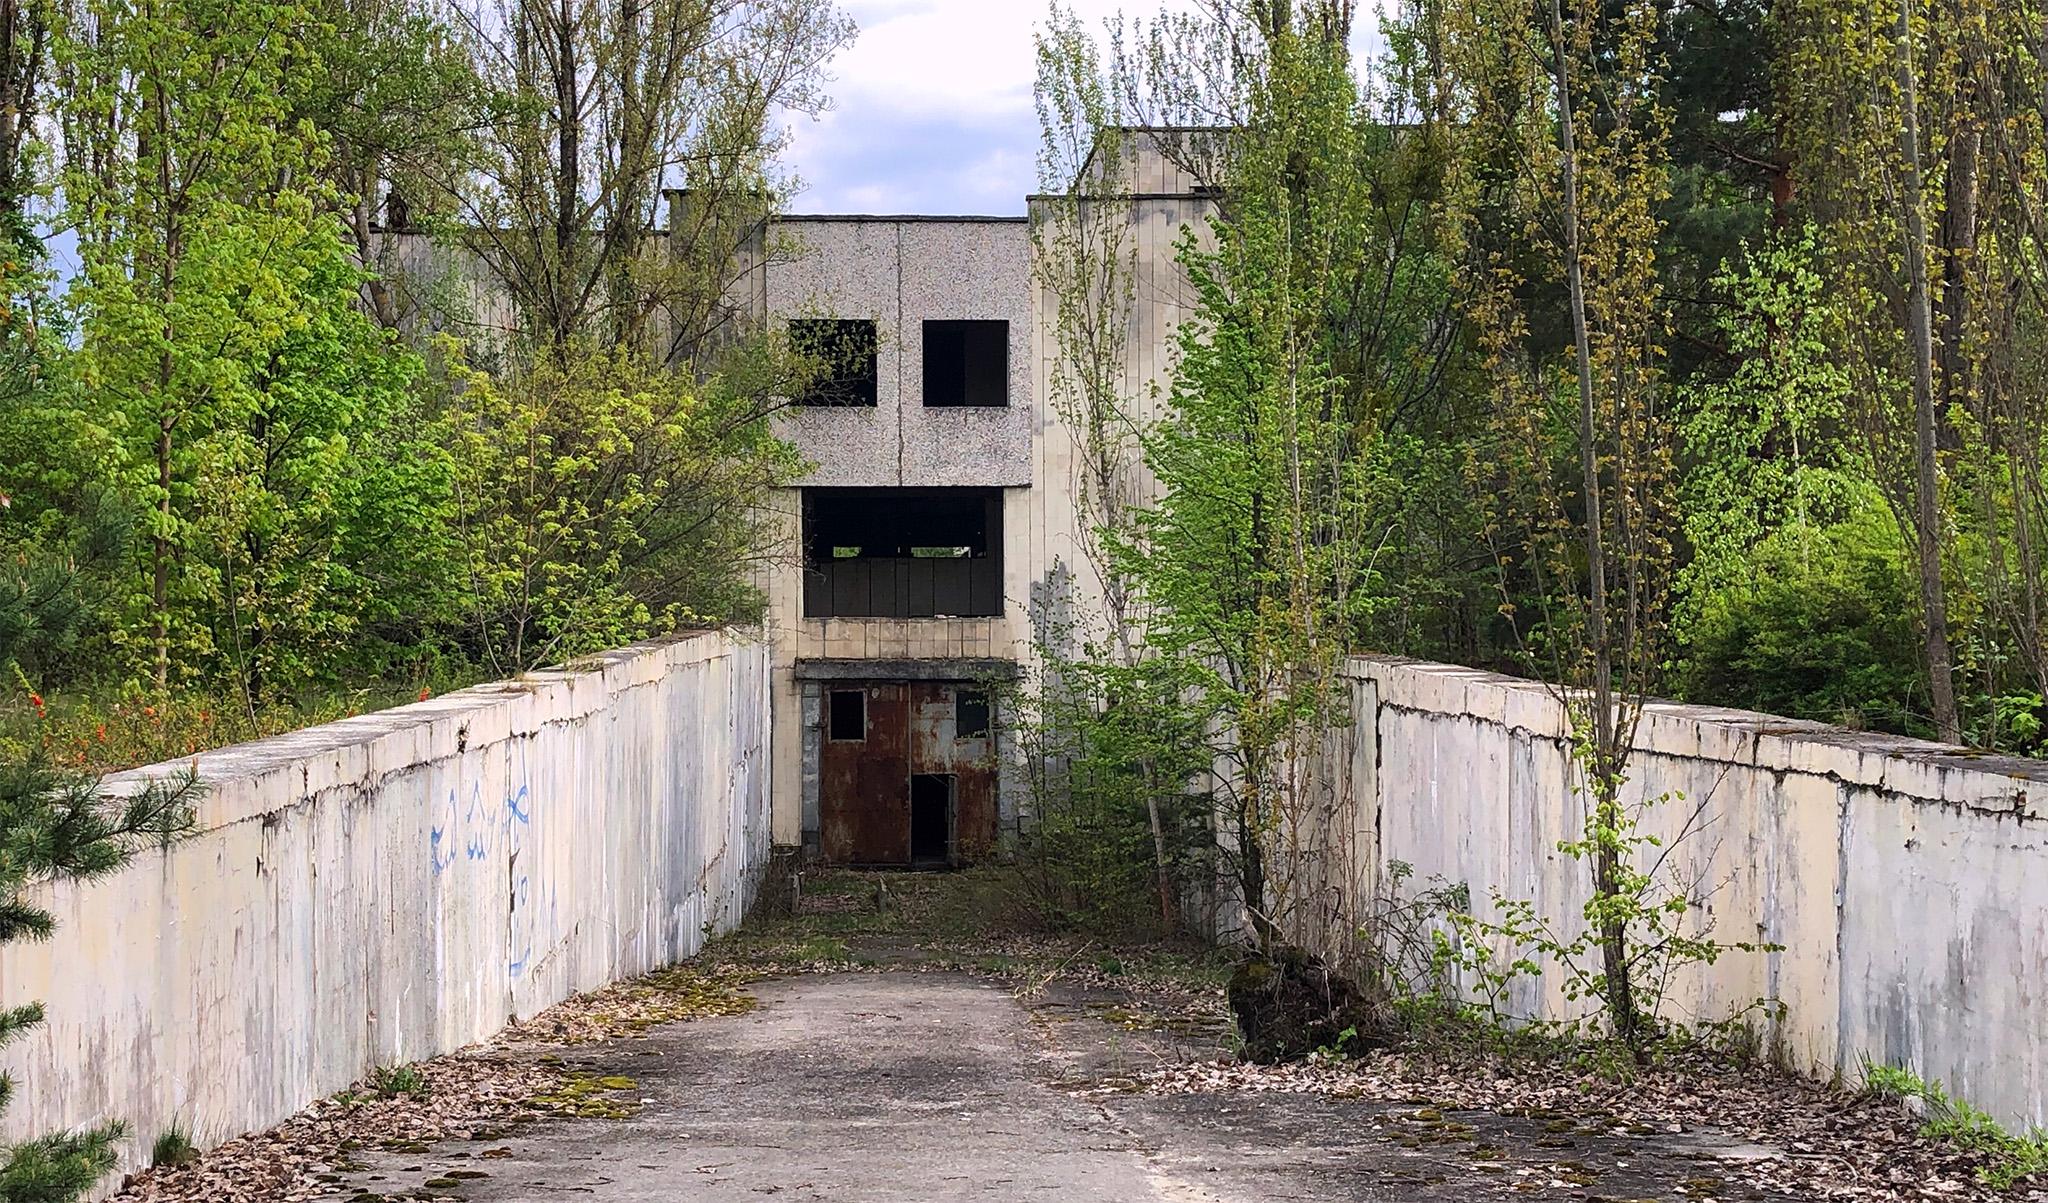 Visitar Chernóbil - Visitar Chernobyl Ucrania Ukraine Pripyat visitar chernóbil - 32891480557 3e1dd4a669 o - Visitar Chernóbil: el lugar más contaminado del planeta